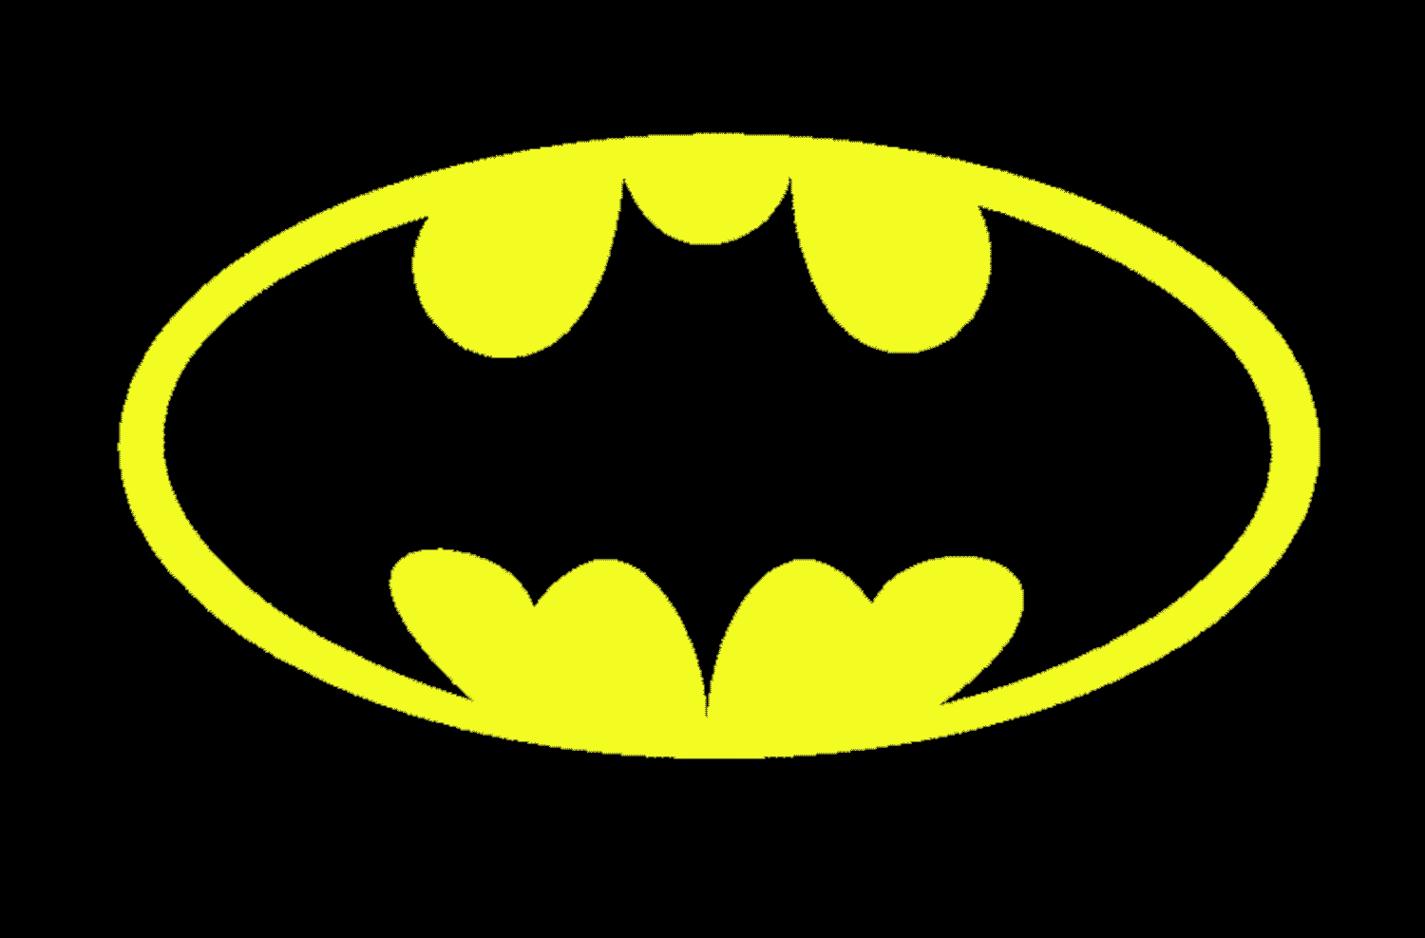 Batman svg #8, Download drawings